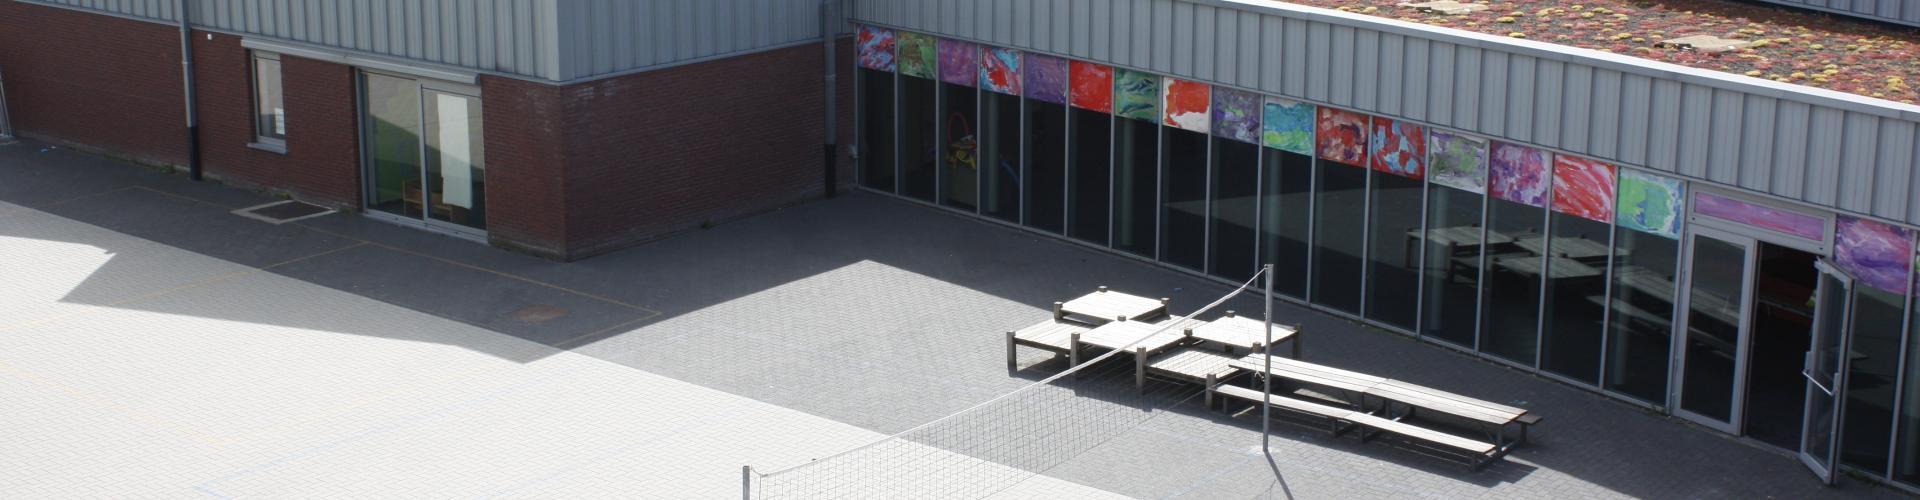 Stedelijke Basisschool Larum Geel